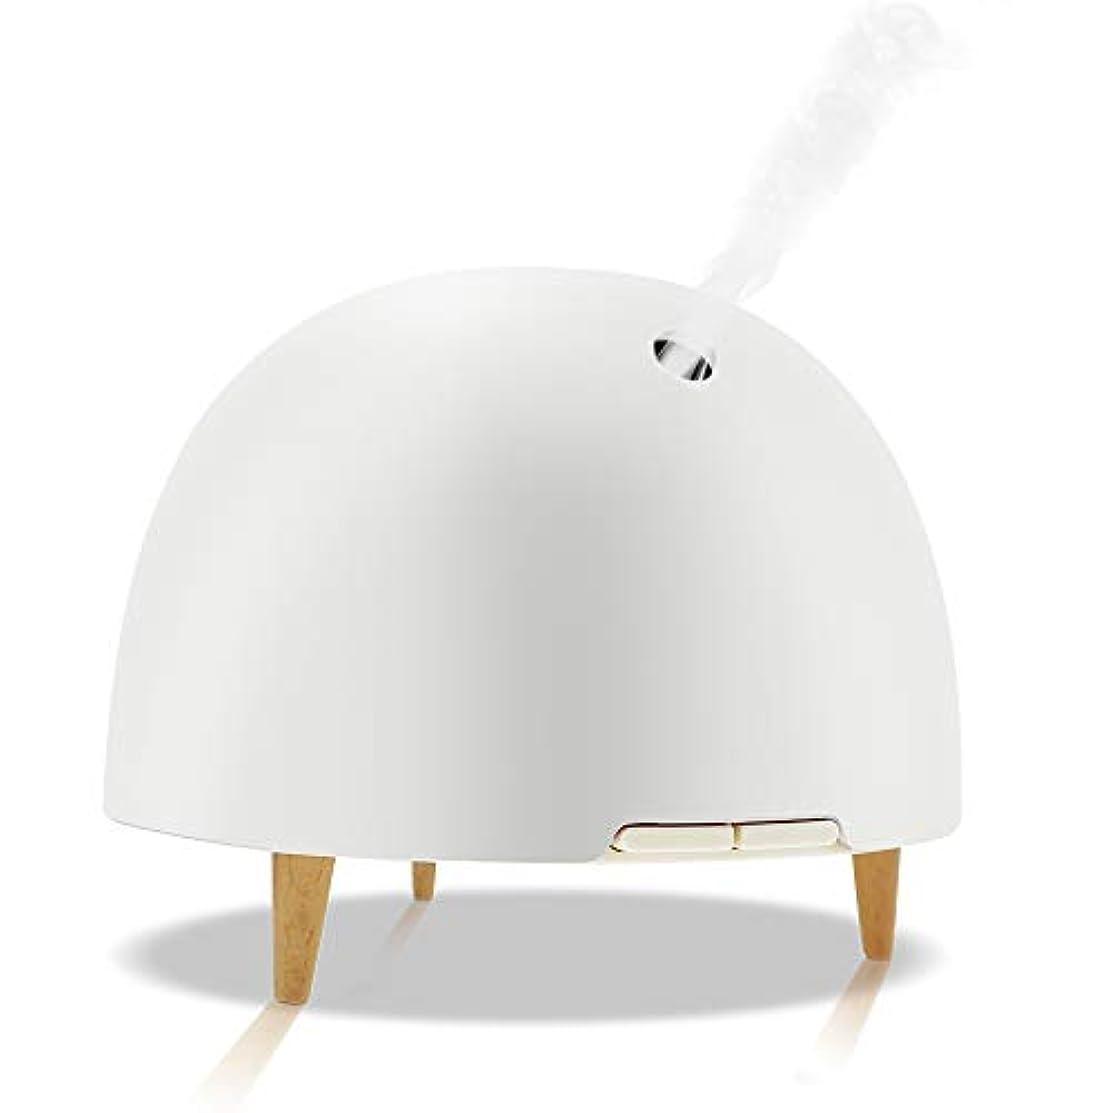 国家比較的デモンストレーション純粋なエッセンシャルオイルアロマテラピーマシン、アロマテラピーエッセンシャルオイルディフューザークールミスト加湿器7色ライト、家庭用、仕事,White